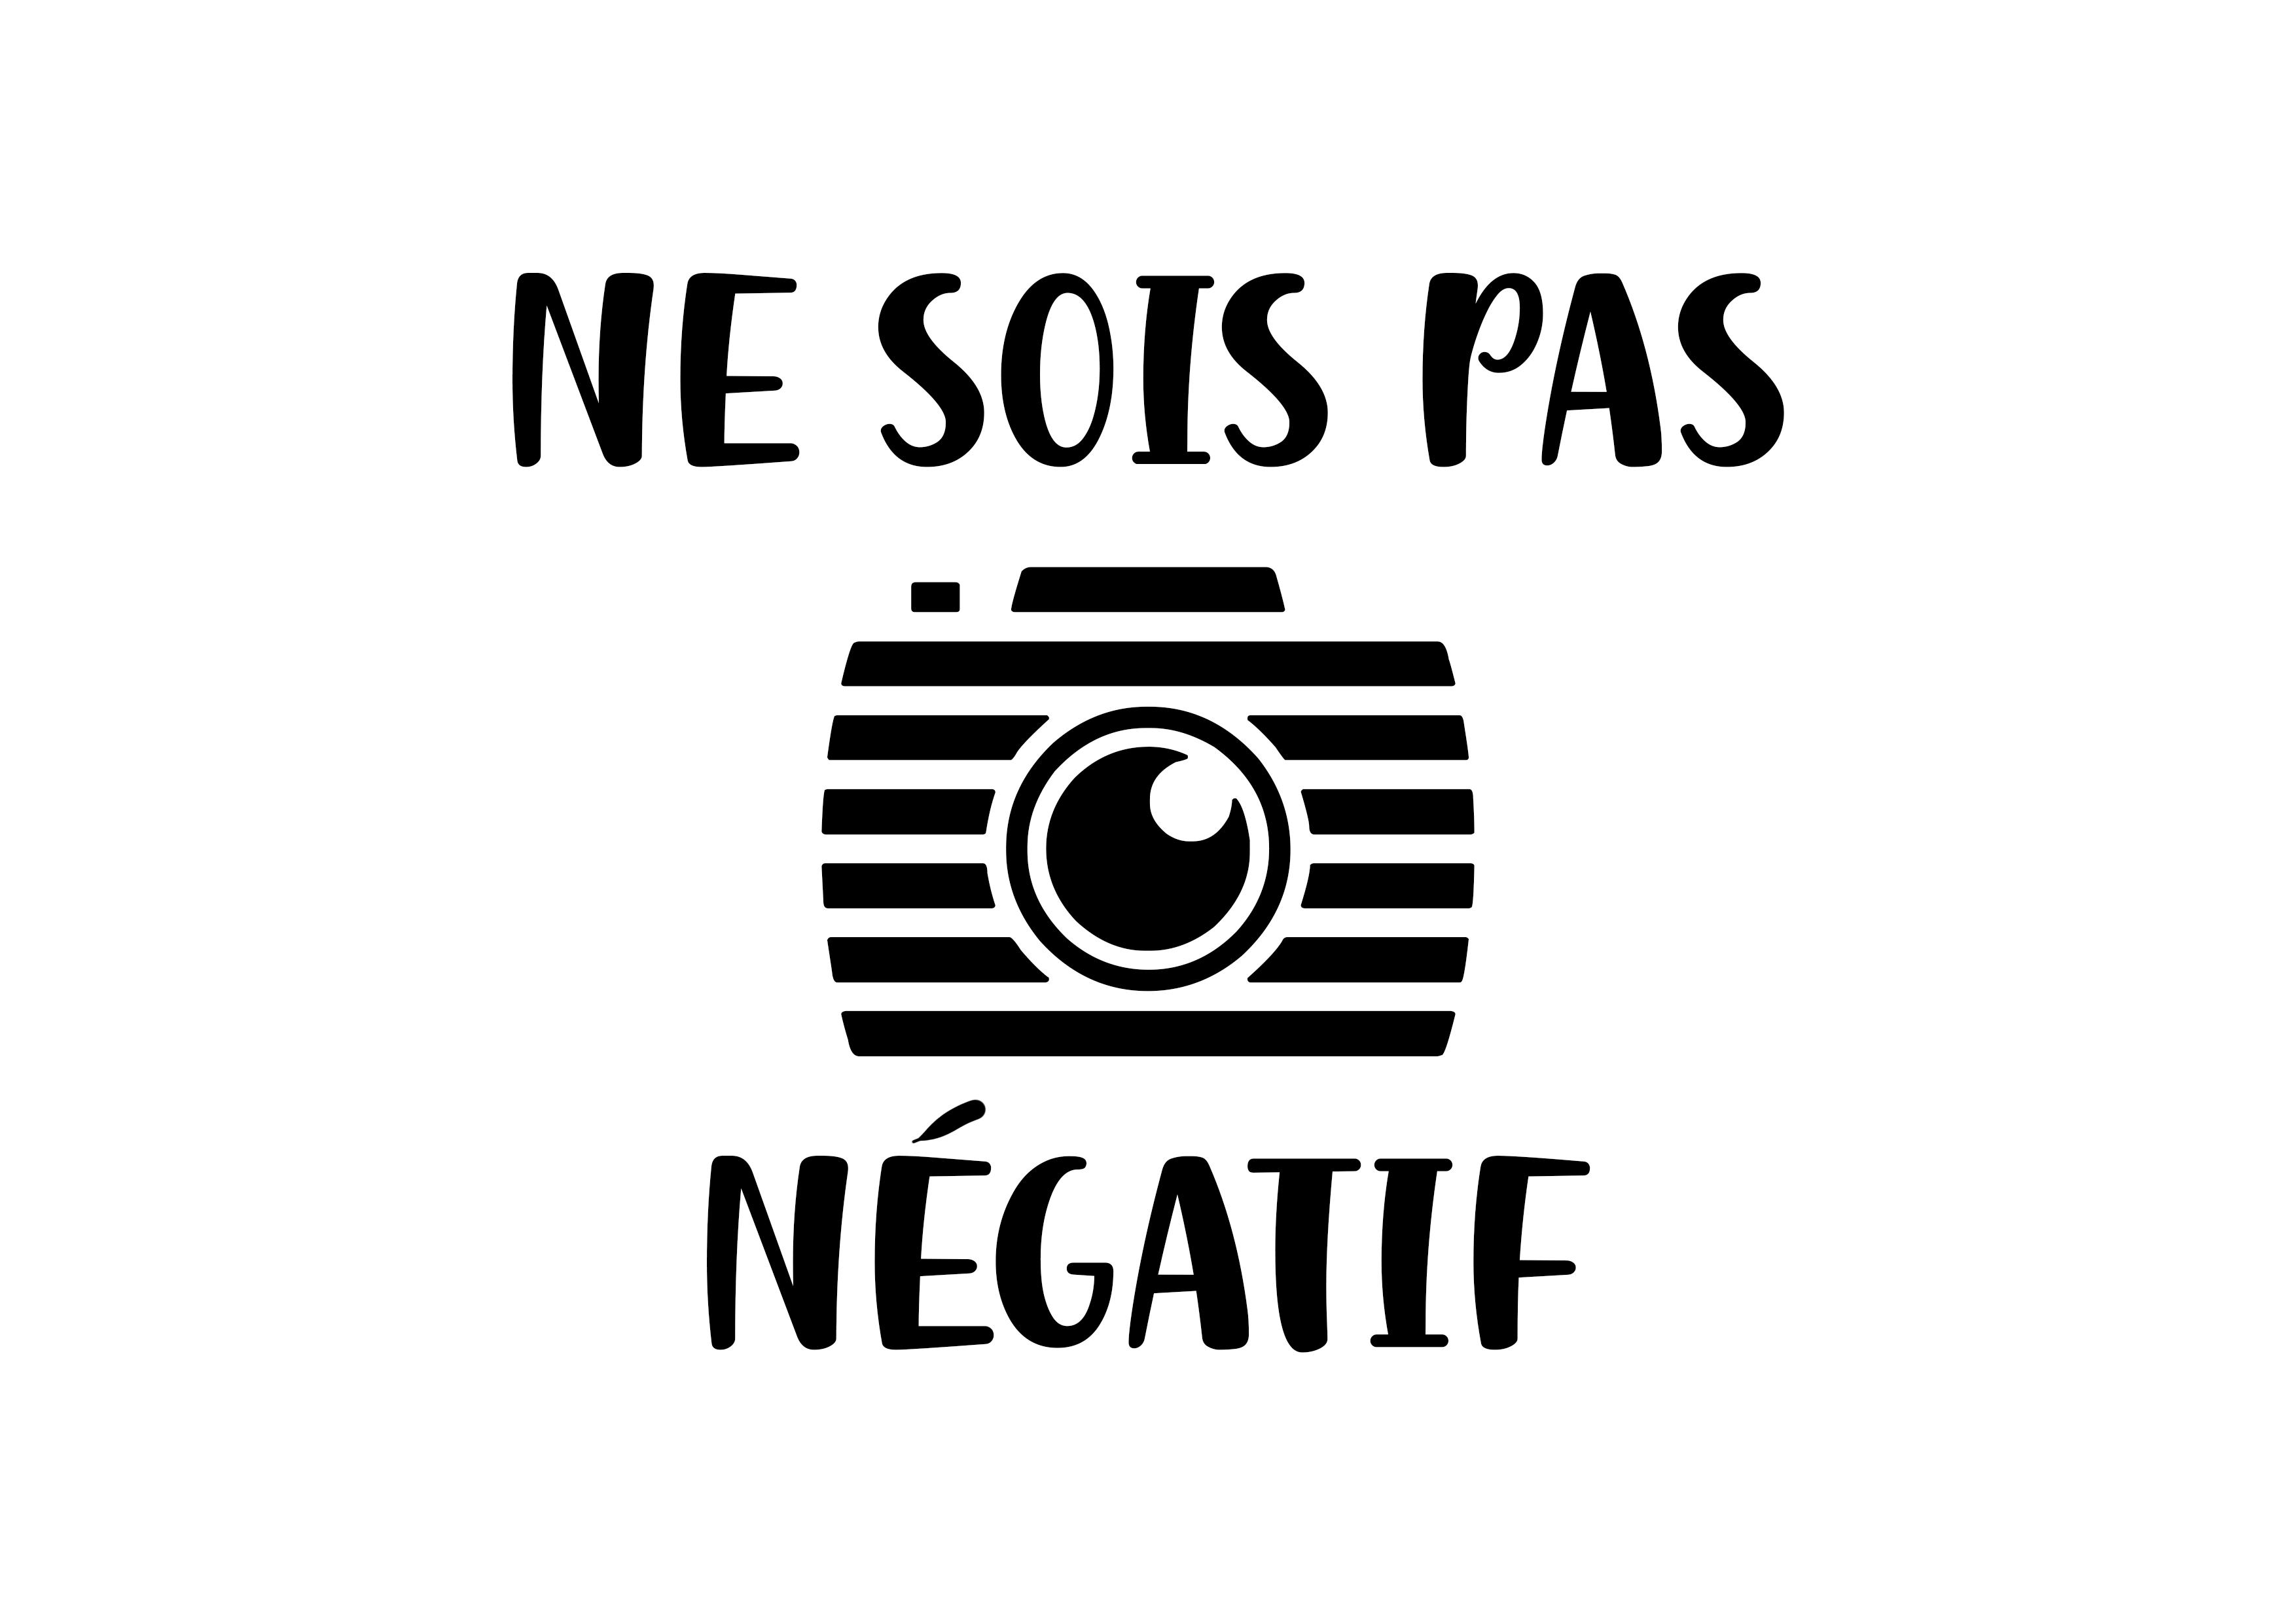 Ne sois pas negatif